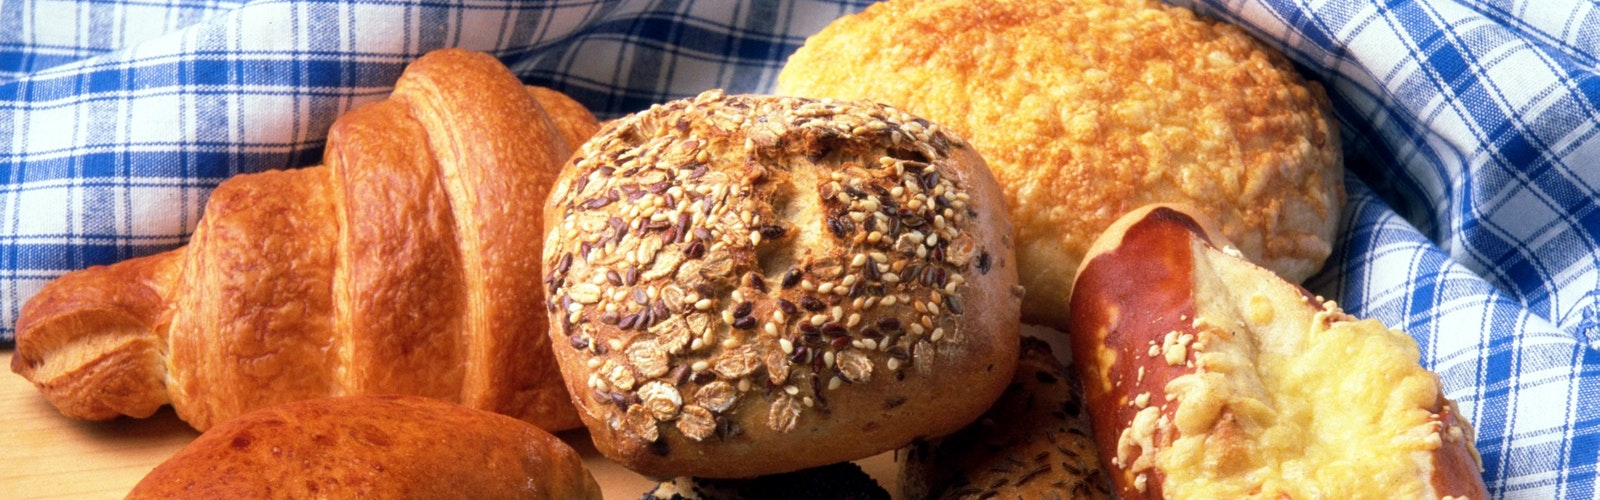 brood broodjes